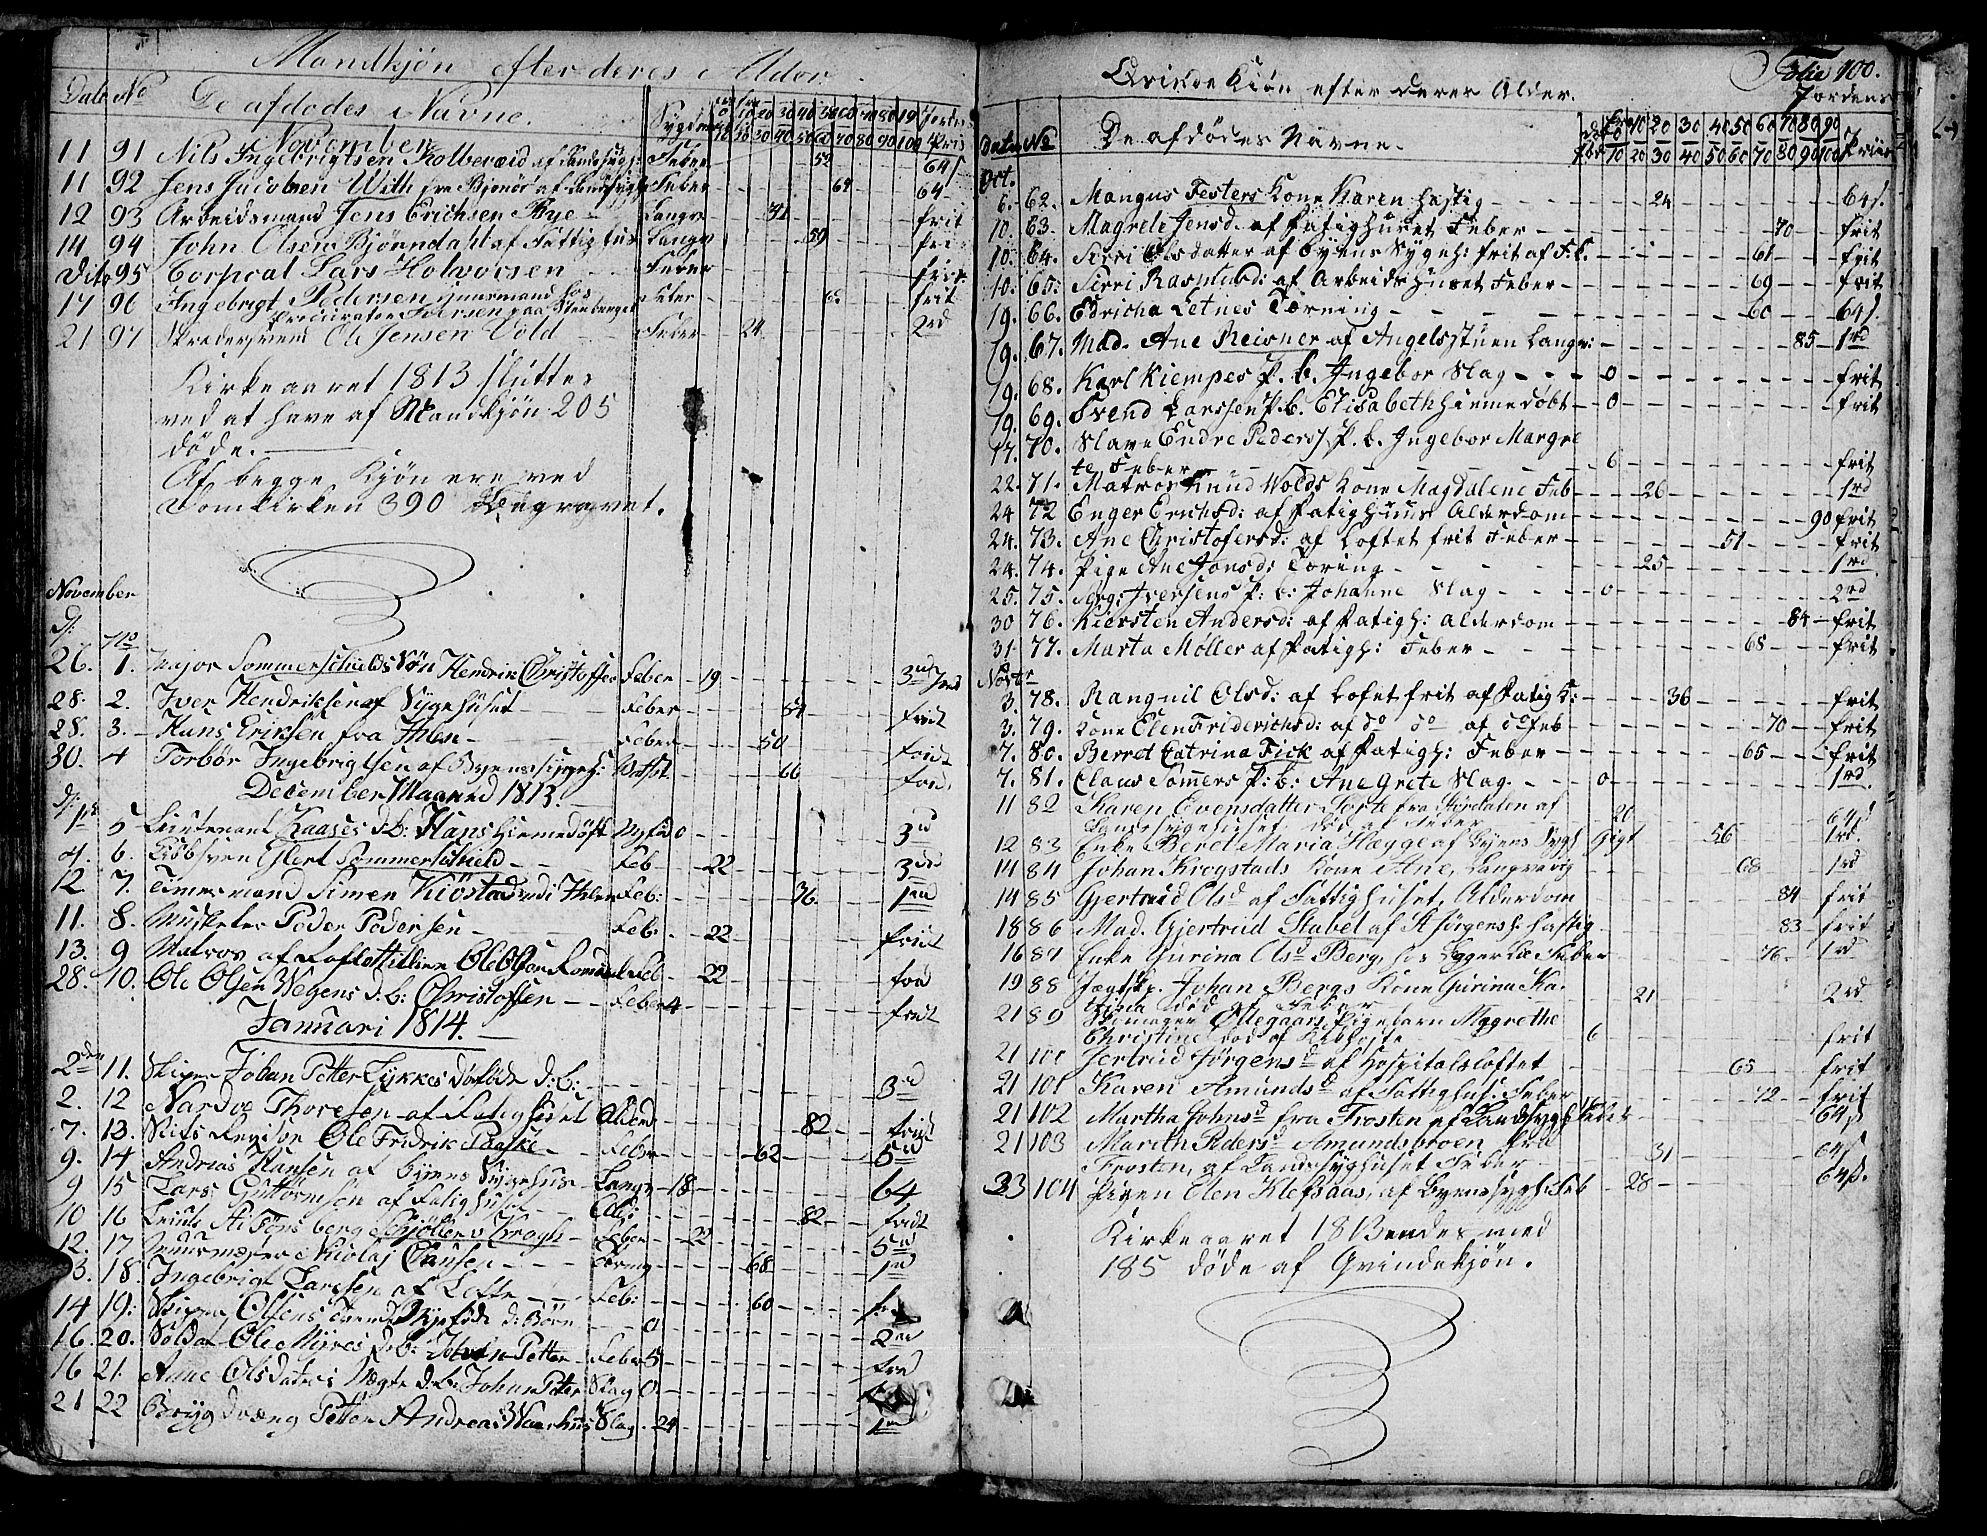 SAT, Ministerialprotokoller, klokkerbøker og fødselsregistre - Sør-Trøndelag, 601/L0040: Ministerialbok nr. 601A08, 1783-1818, s. 100